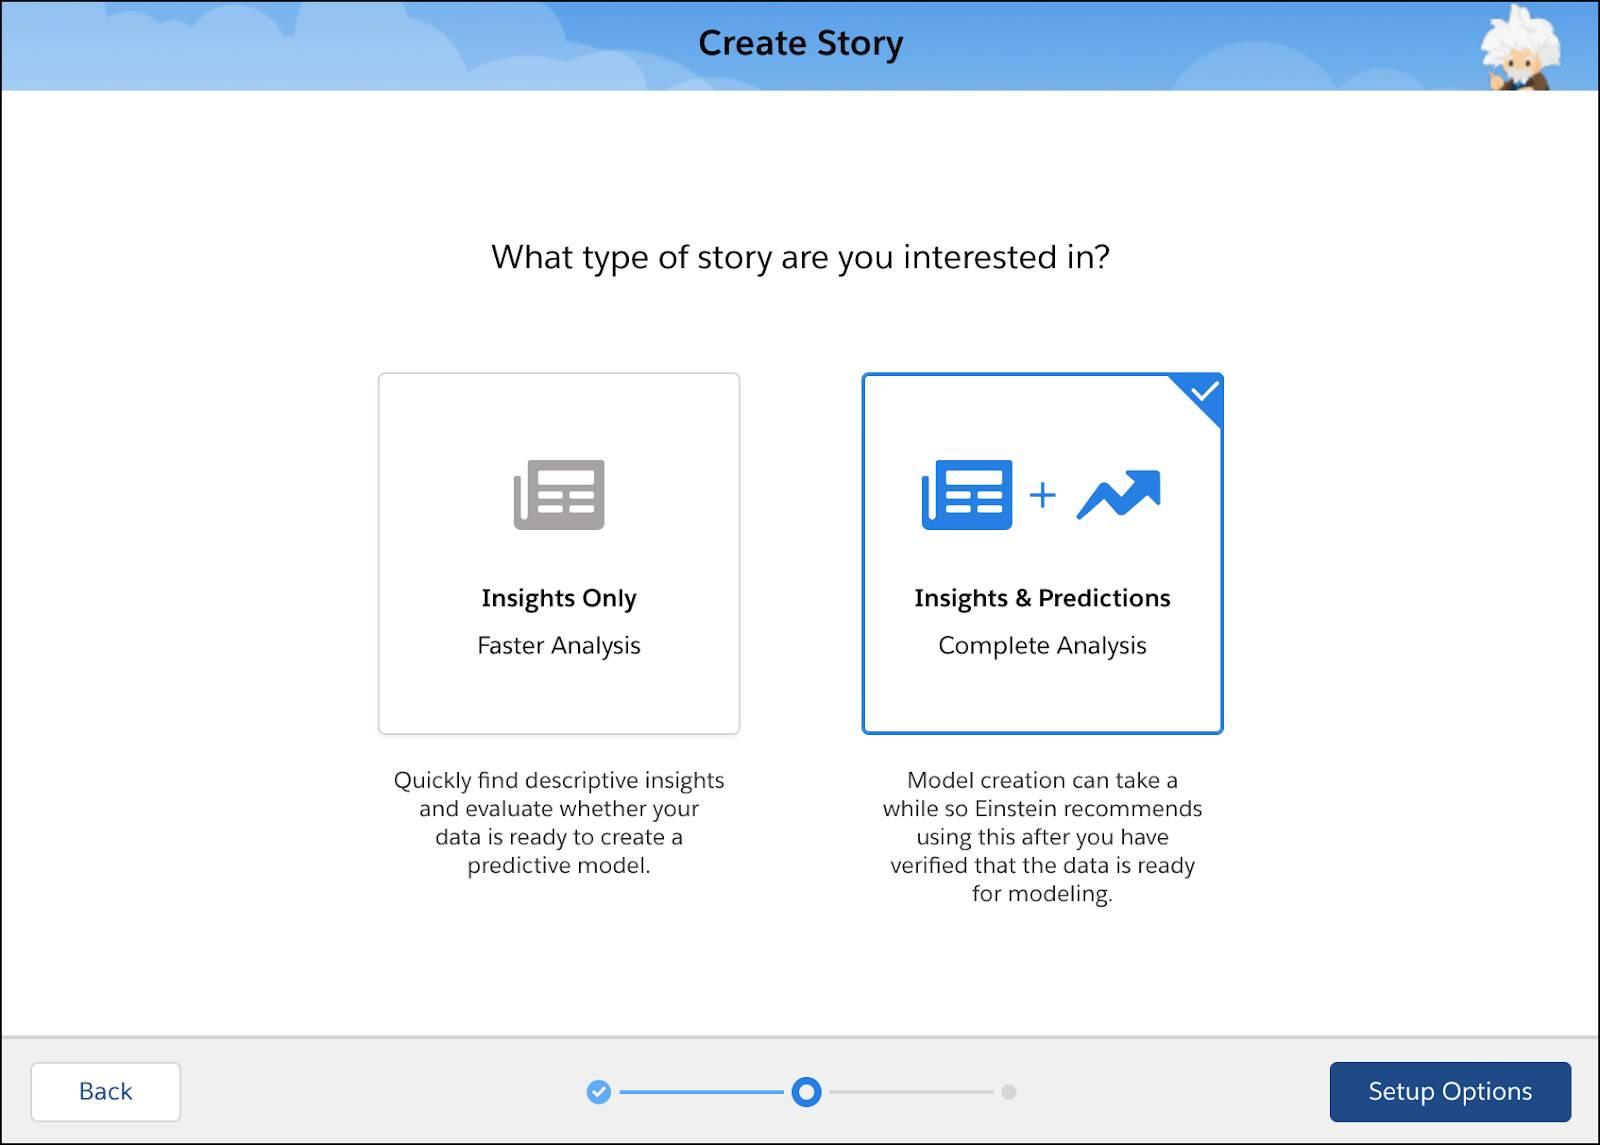 ストーリー設定画面 - ストーリー種別 ([インサイトのみ] または [インサイトと予測]) の選択